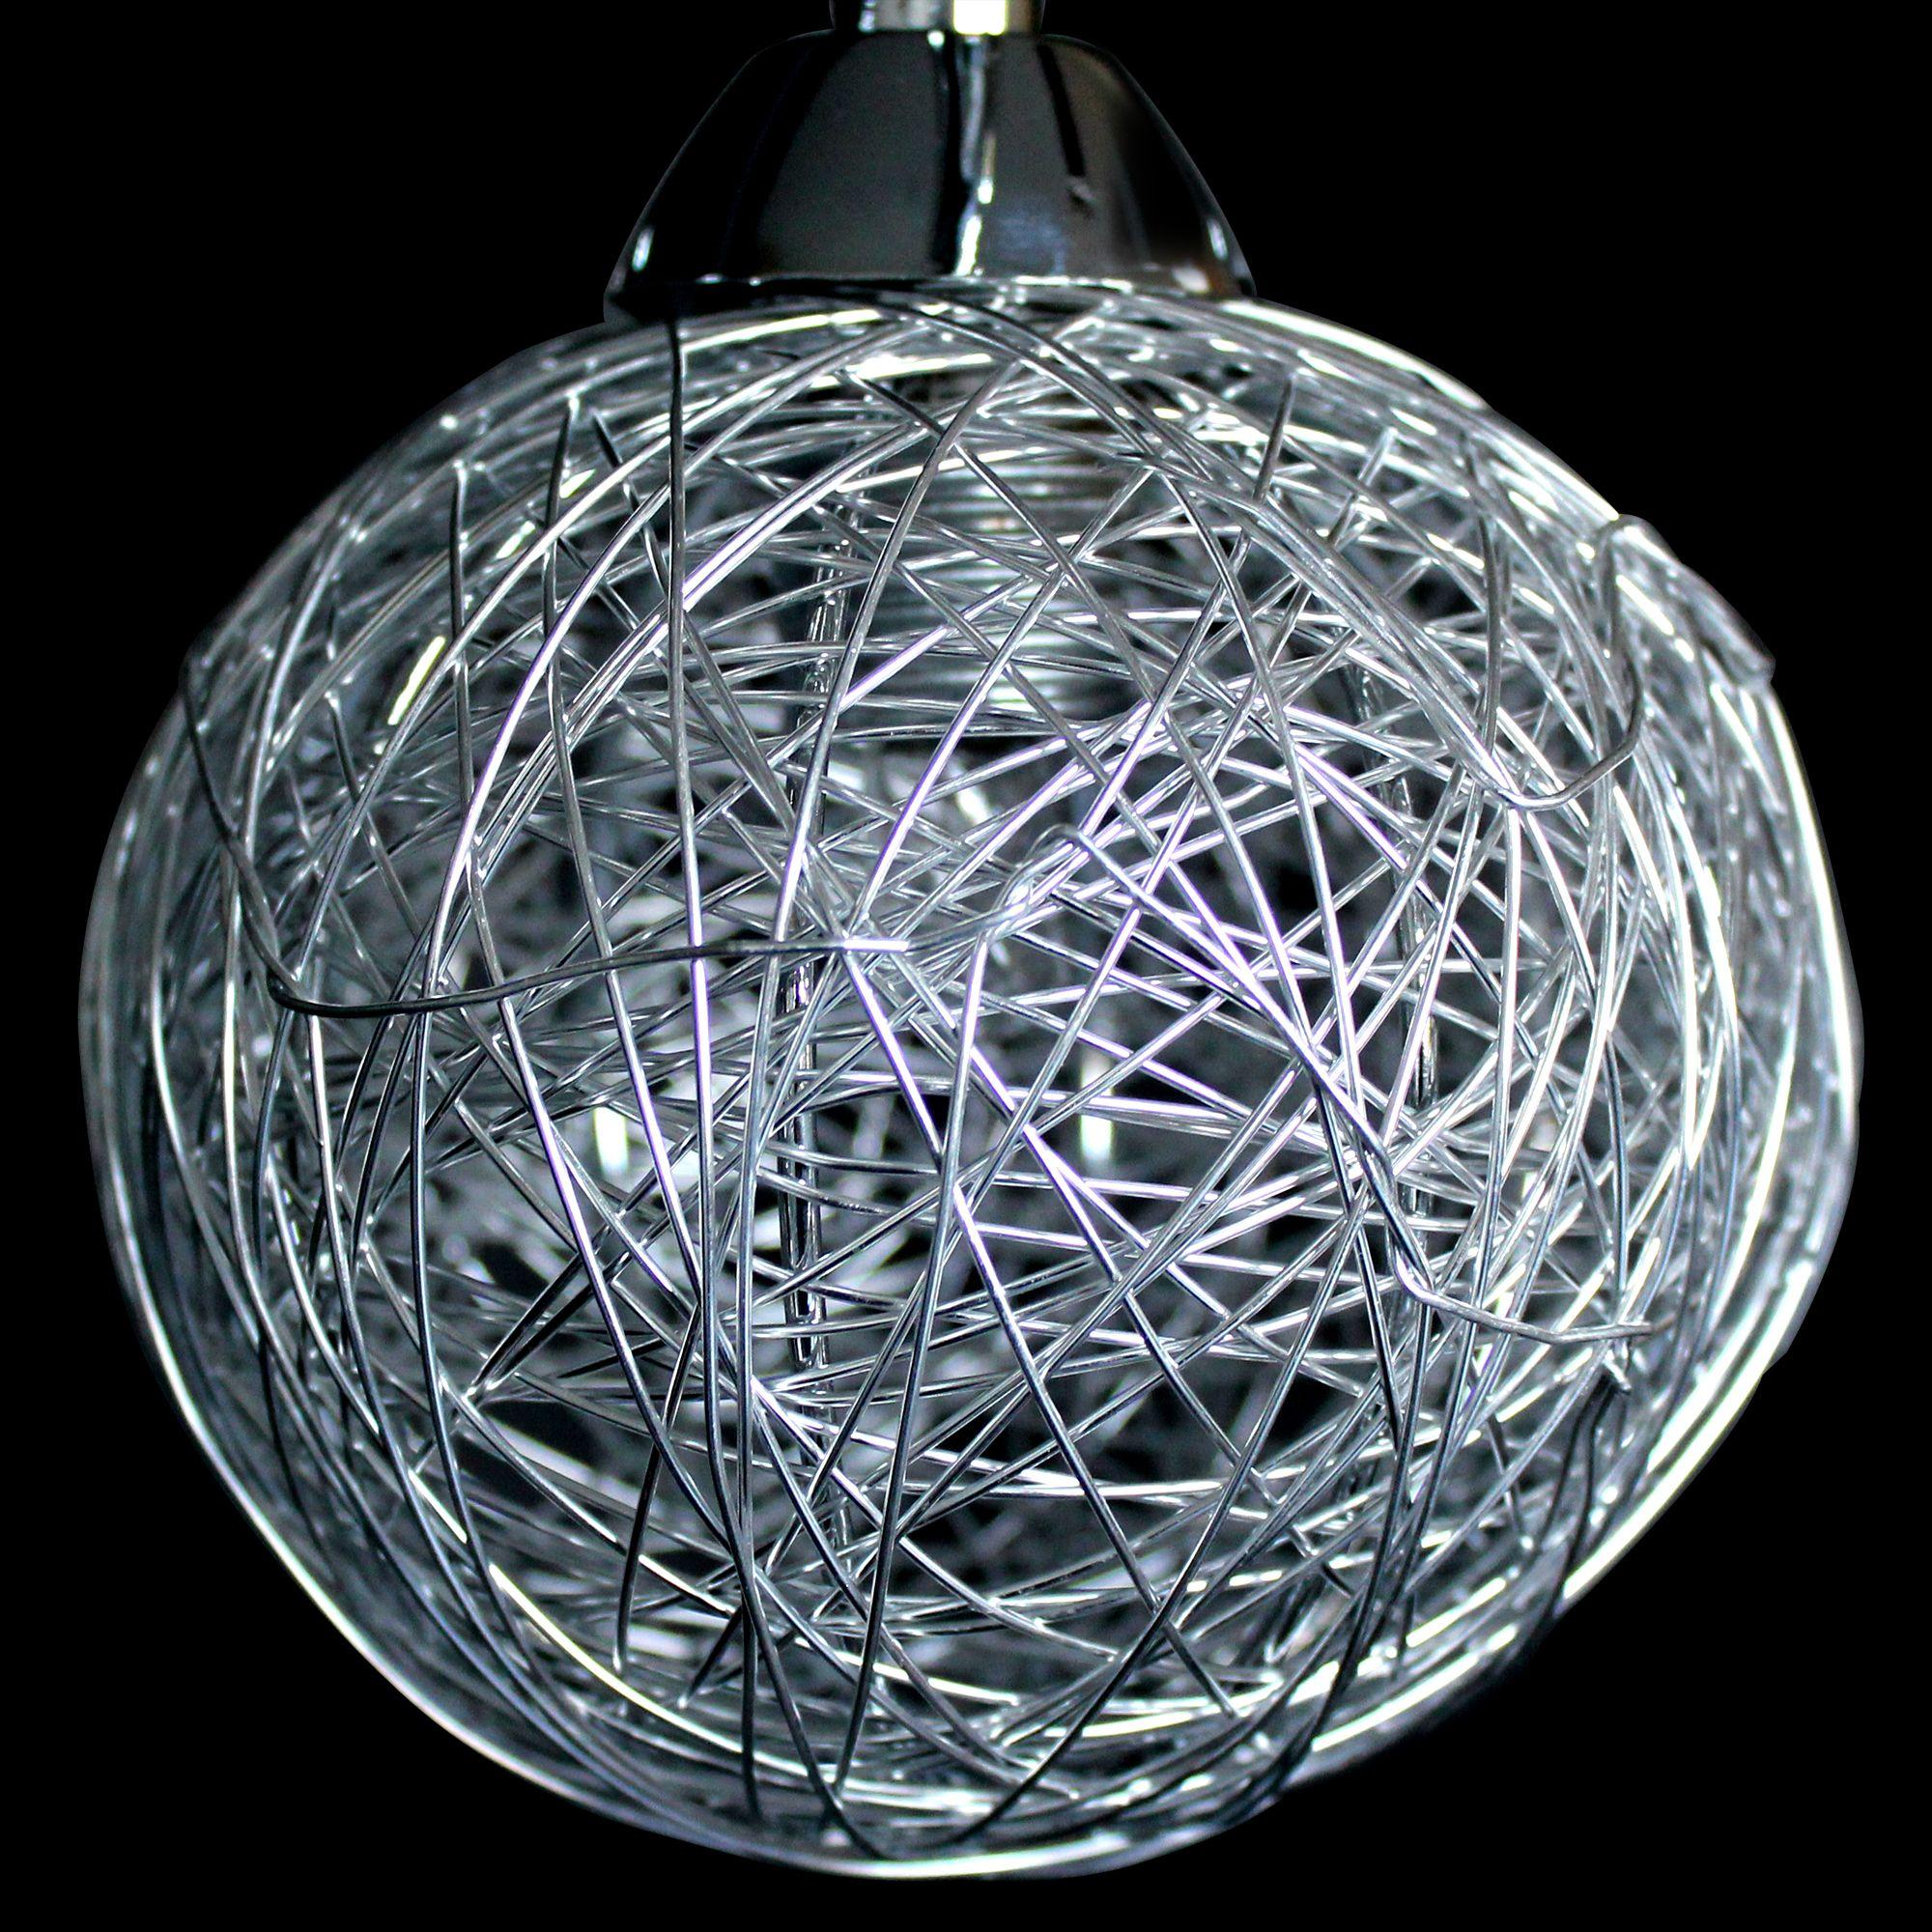 lux pro deckenleuchte 52cm 5 flammig effekt deckenlampe. Black Bedroom Furniture Sets. Home Design Ideas